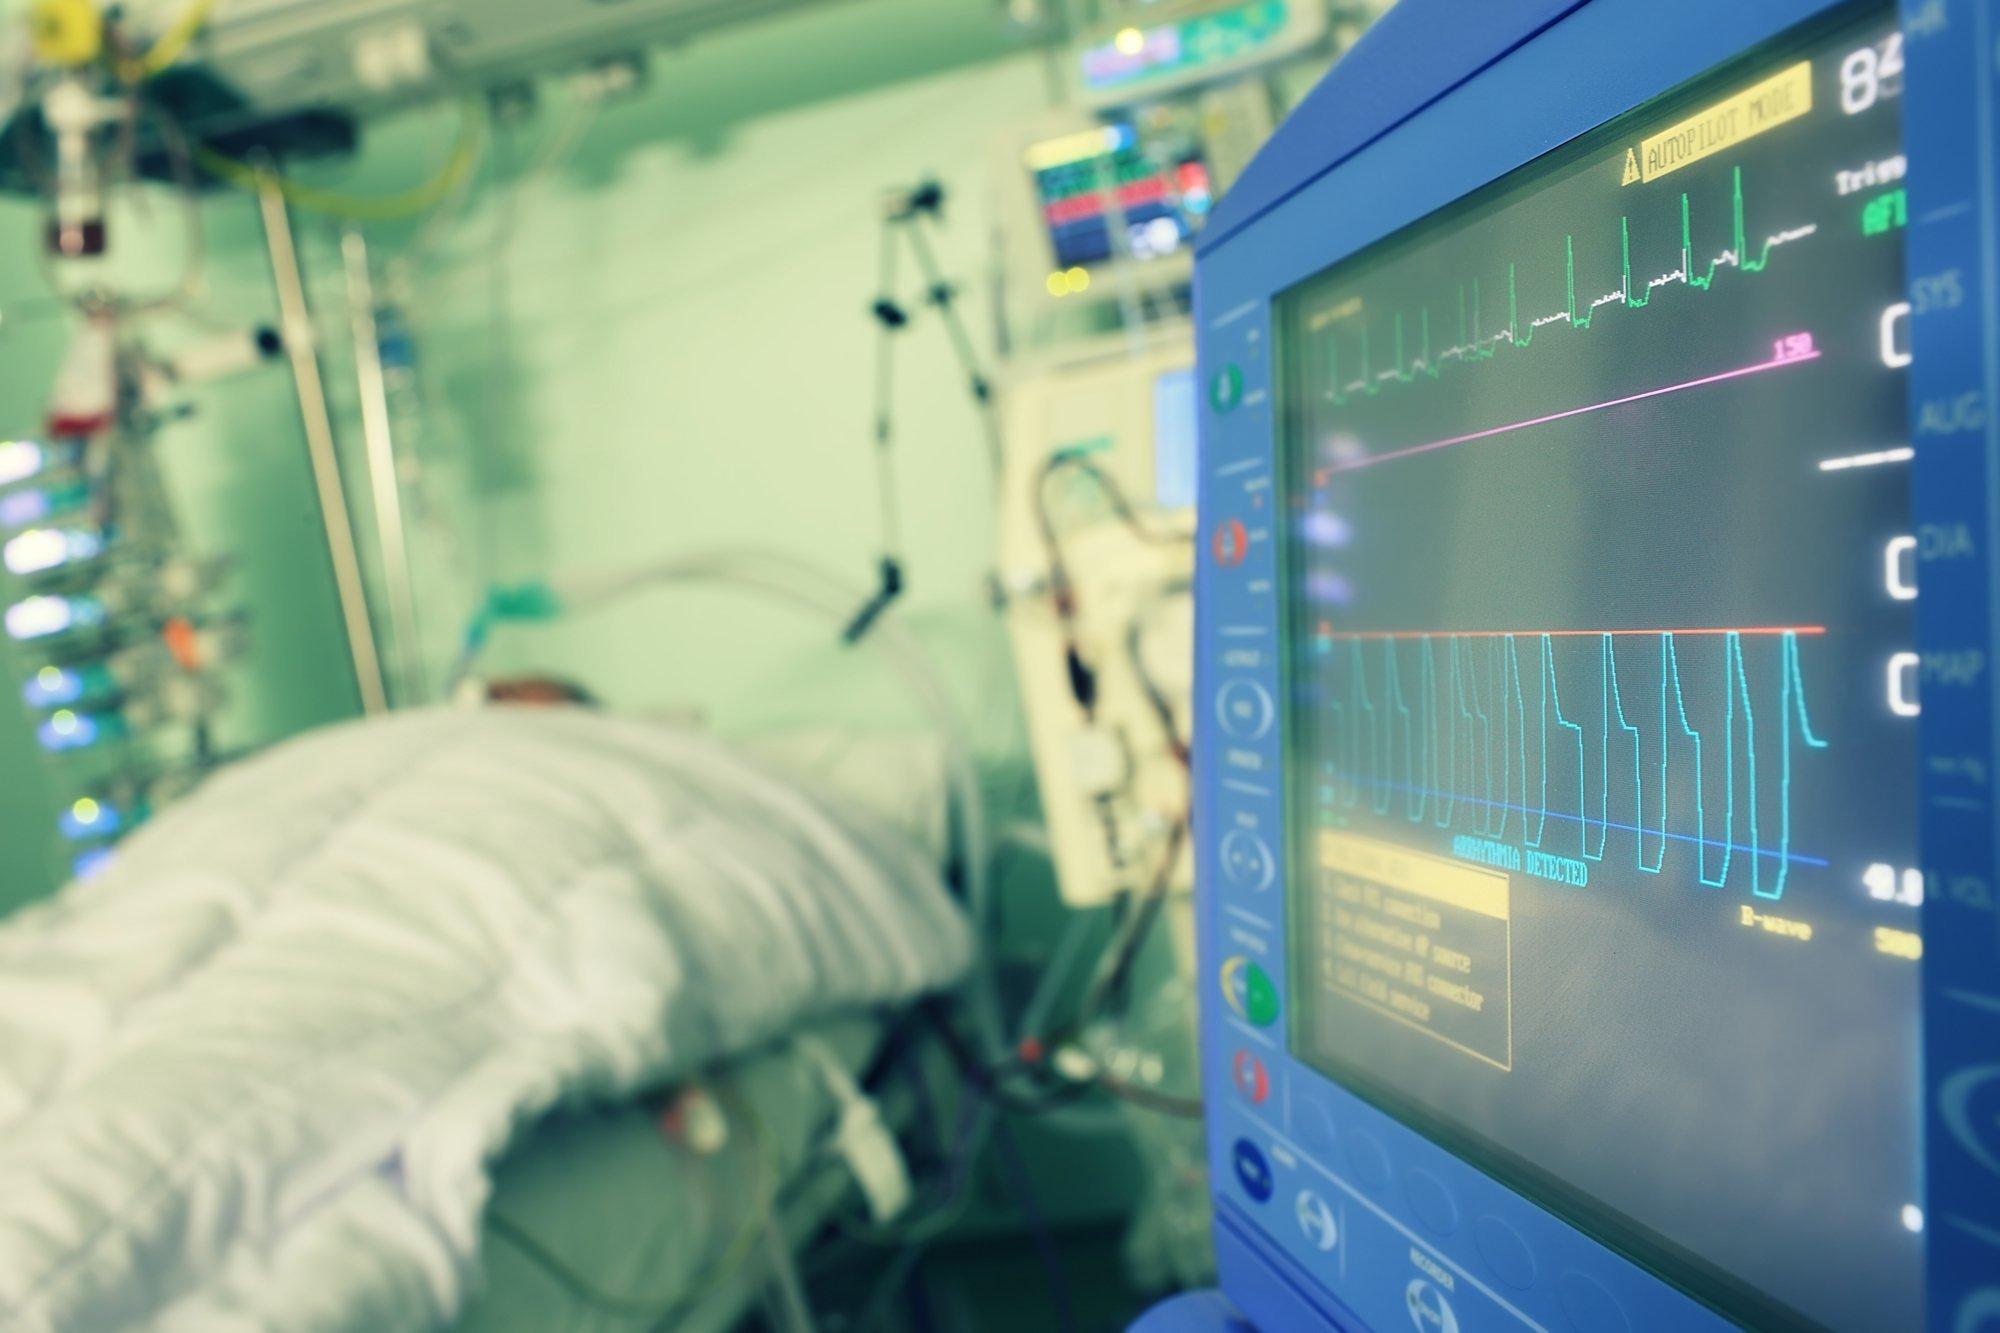 Das Symbolfoto stellt einen Patienten auf der Intensivstation eines Krankenhauses dar. Ein Monitor stellt Informationen über seinen Gesundheitszustand dar.